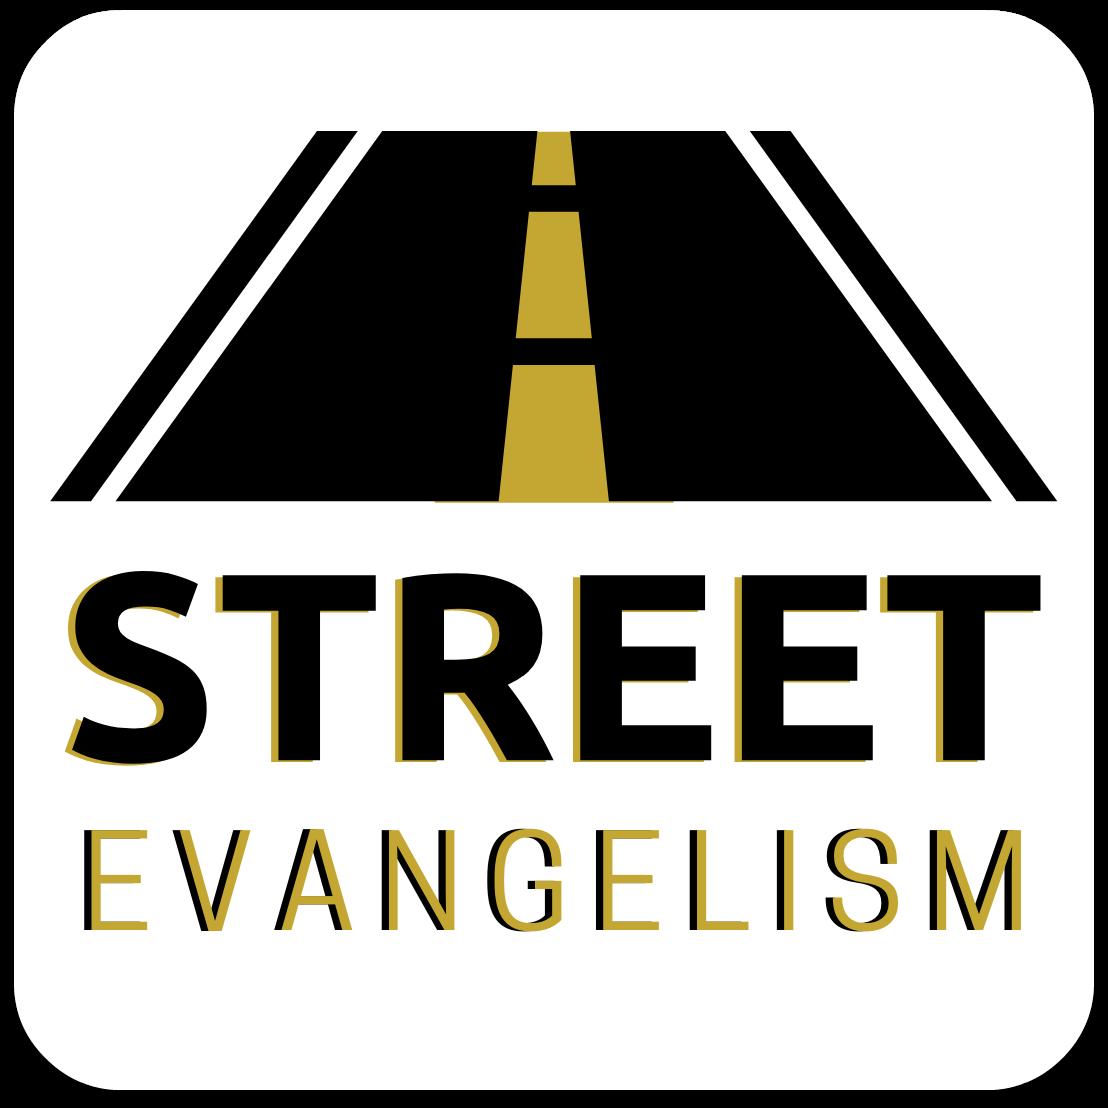 Daytona Dream Center - Street Evangelism